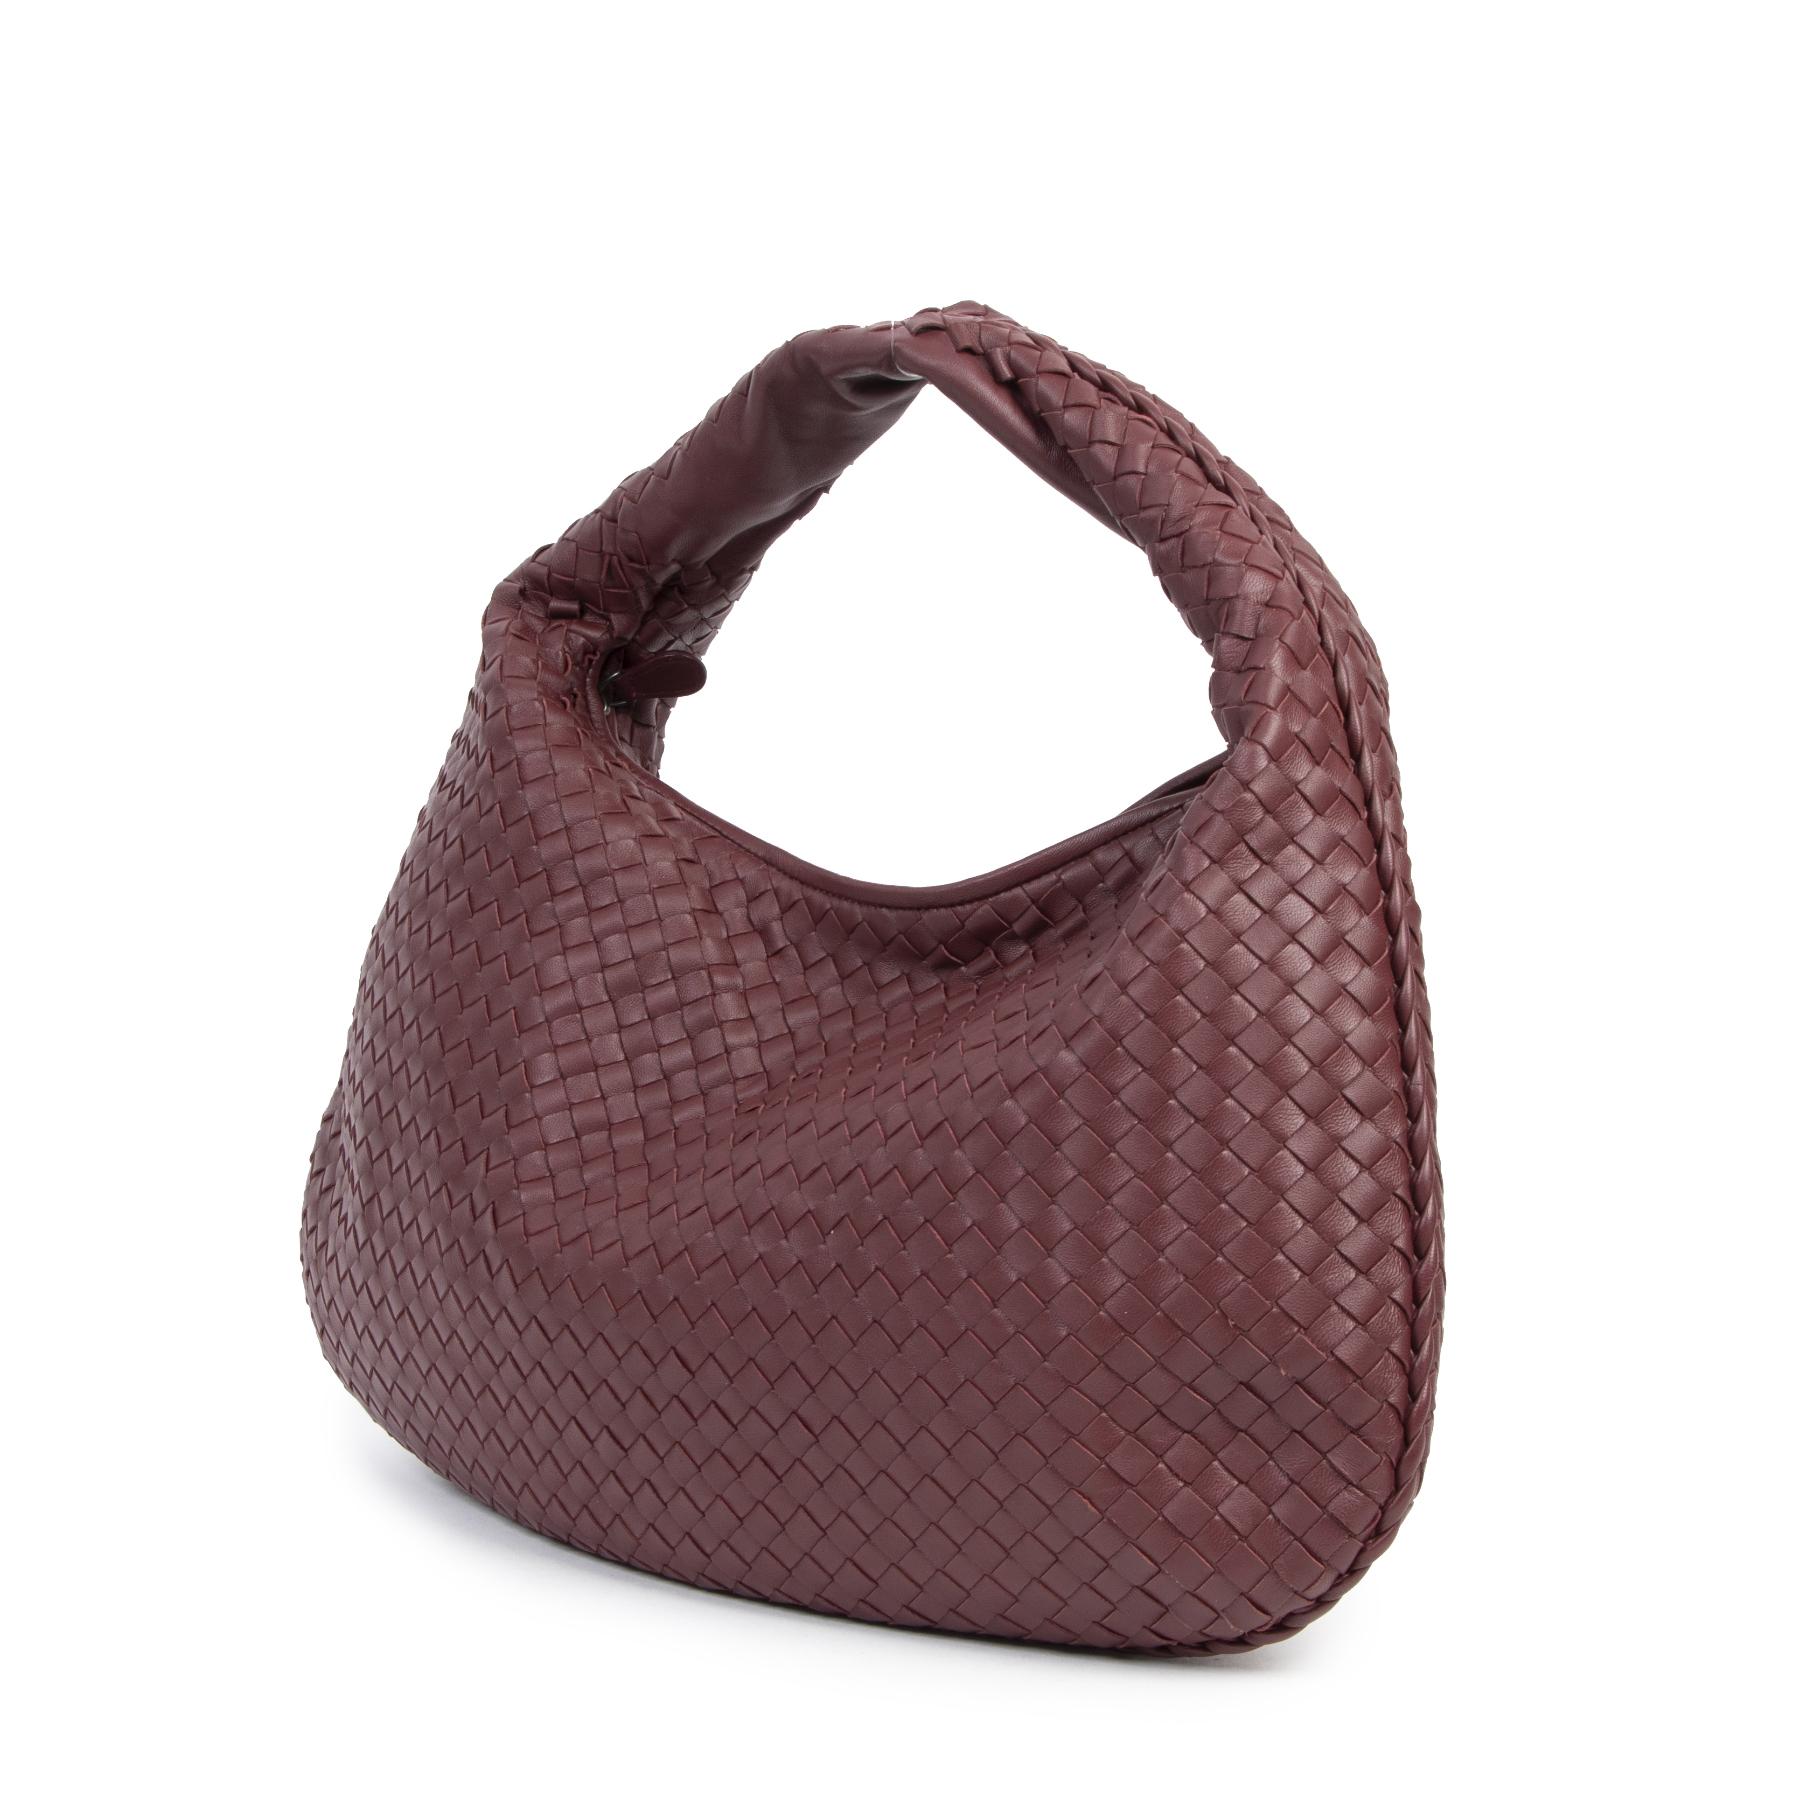 Authentieke Tweedehands Bottega Veneta Large Burgundy Hobo Bag juiste prijs veilig online shoppen luxe designer handtassen webshop mode fashion België Antwerpen